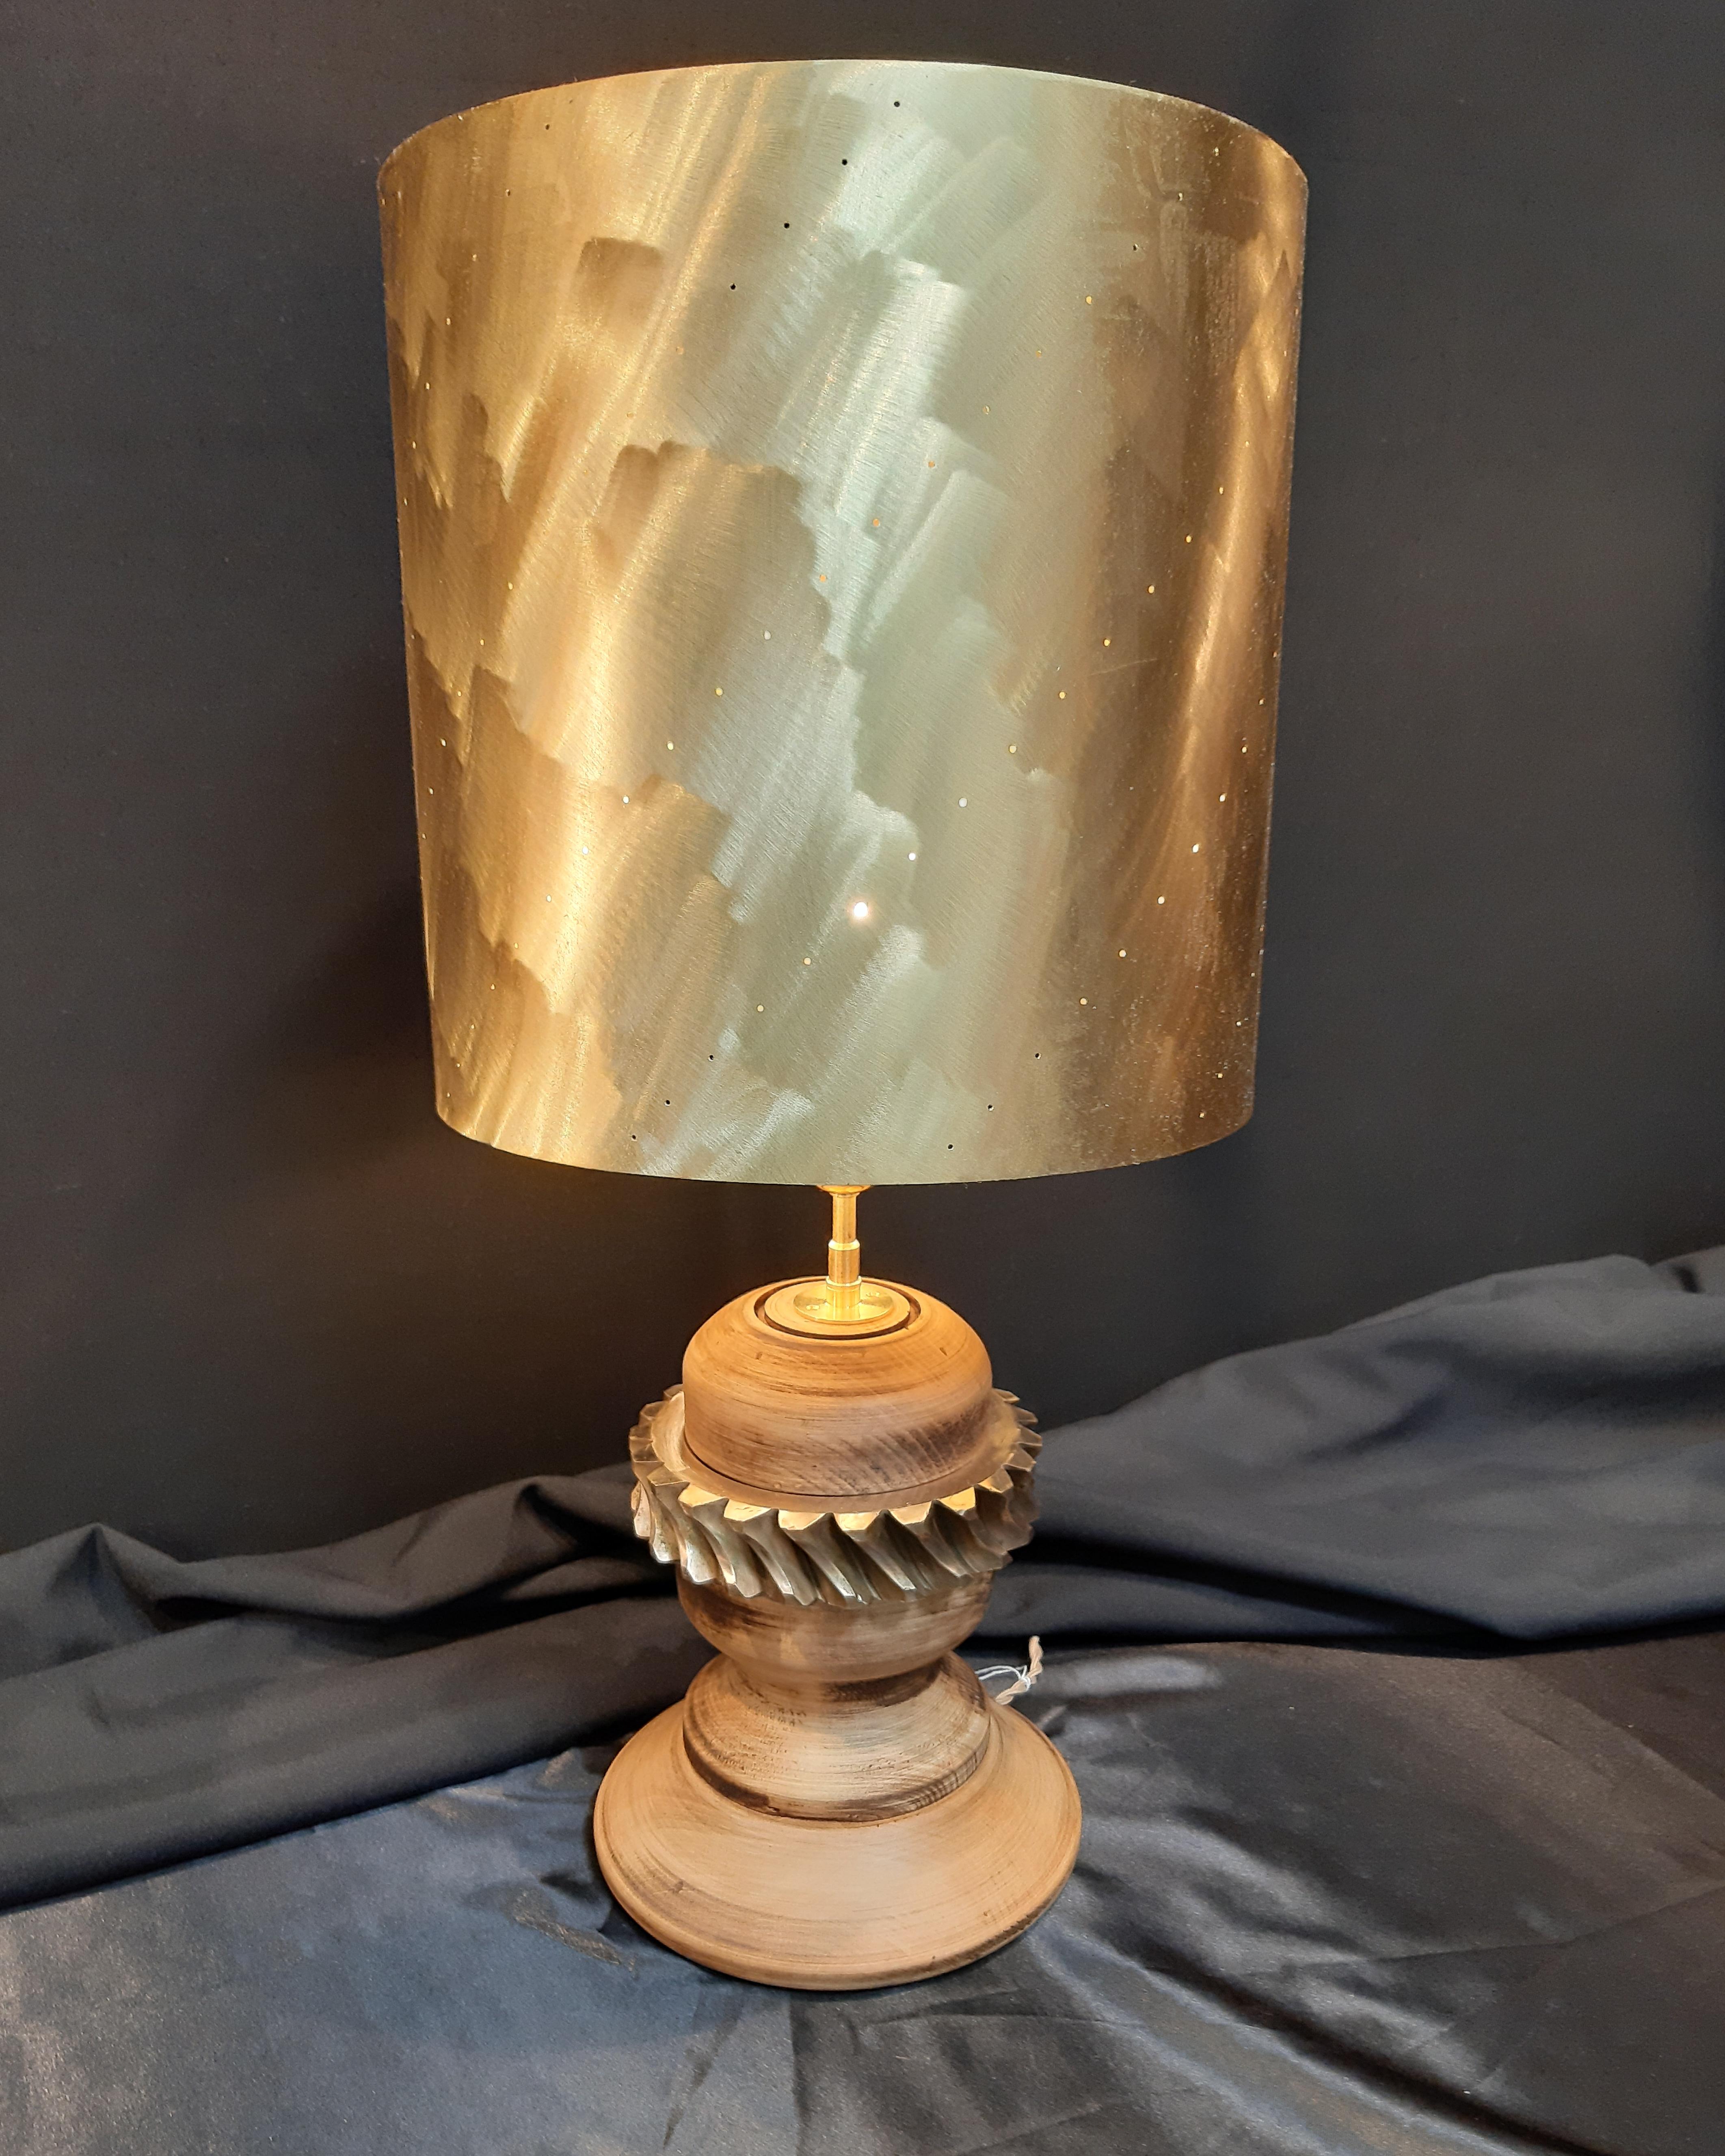 lampe bois laiton et bronze, lampe design, lampe originale